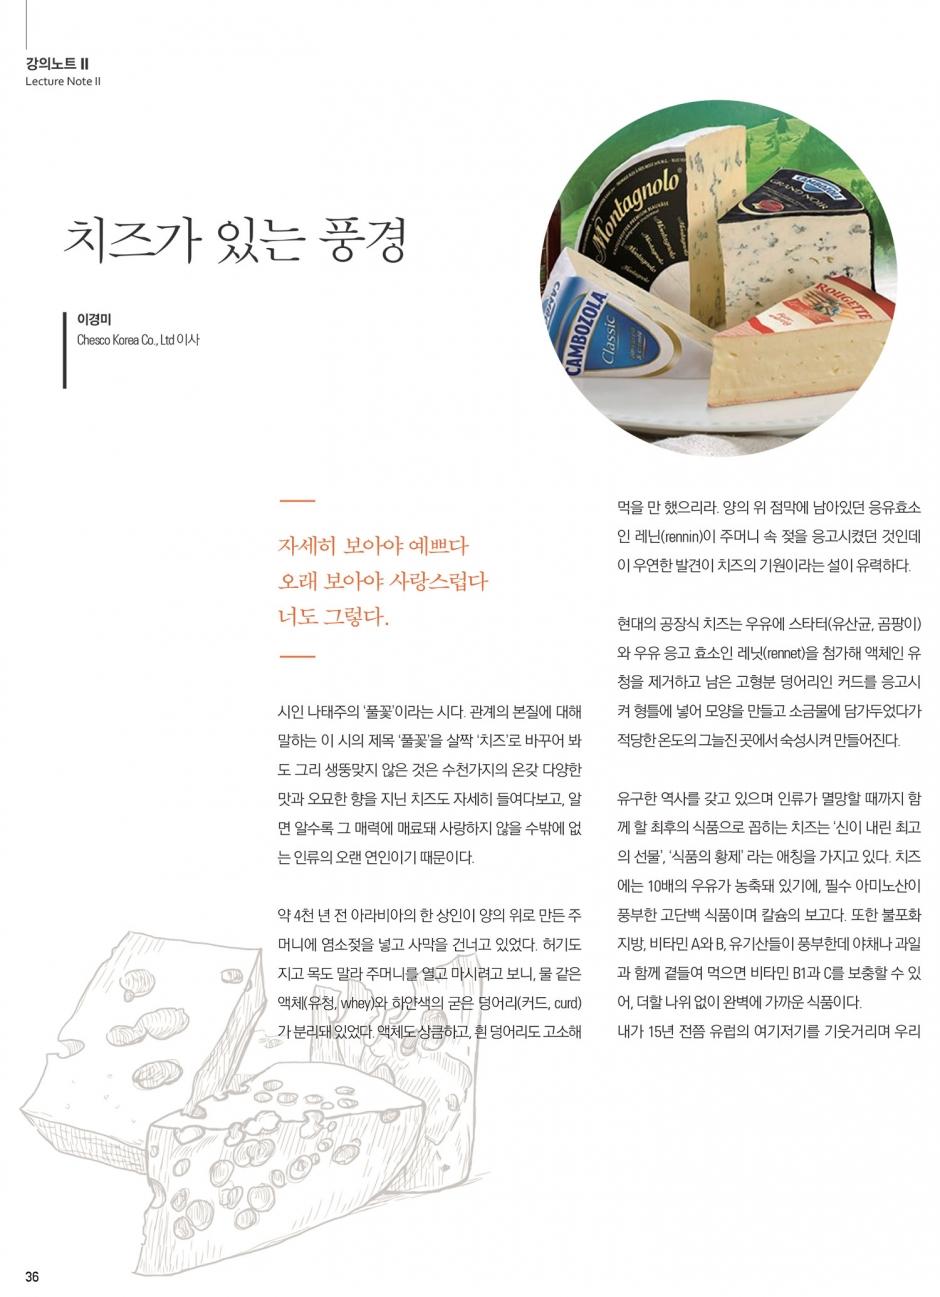 2017-신년호(홈페이지용_고용량)-36.jpg